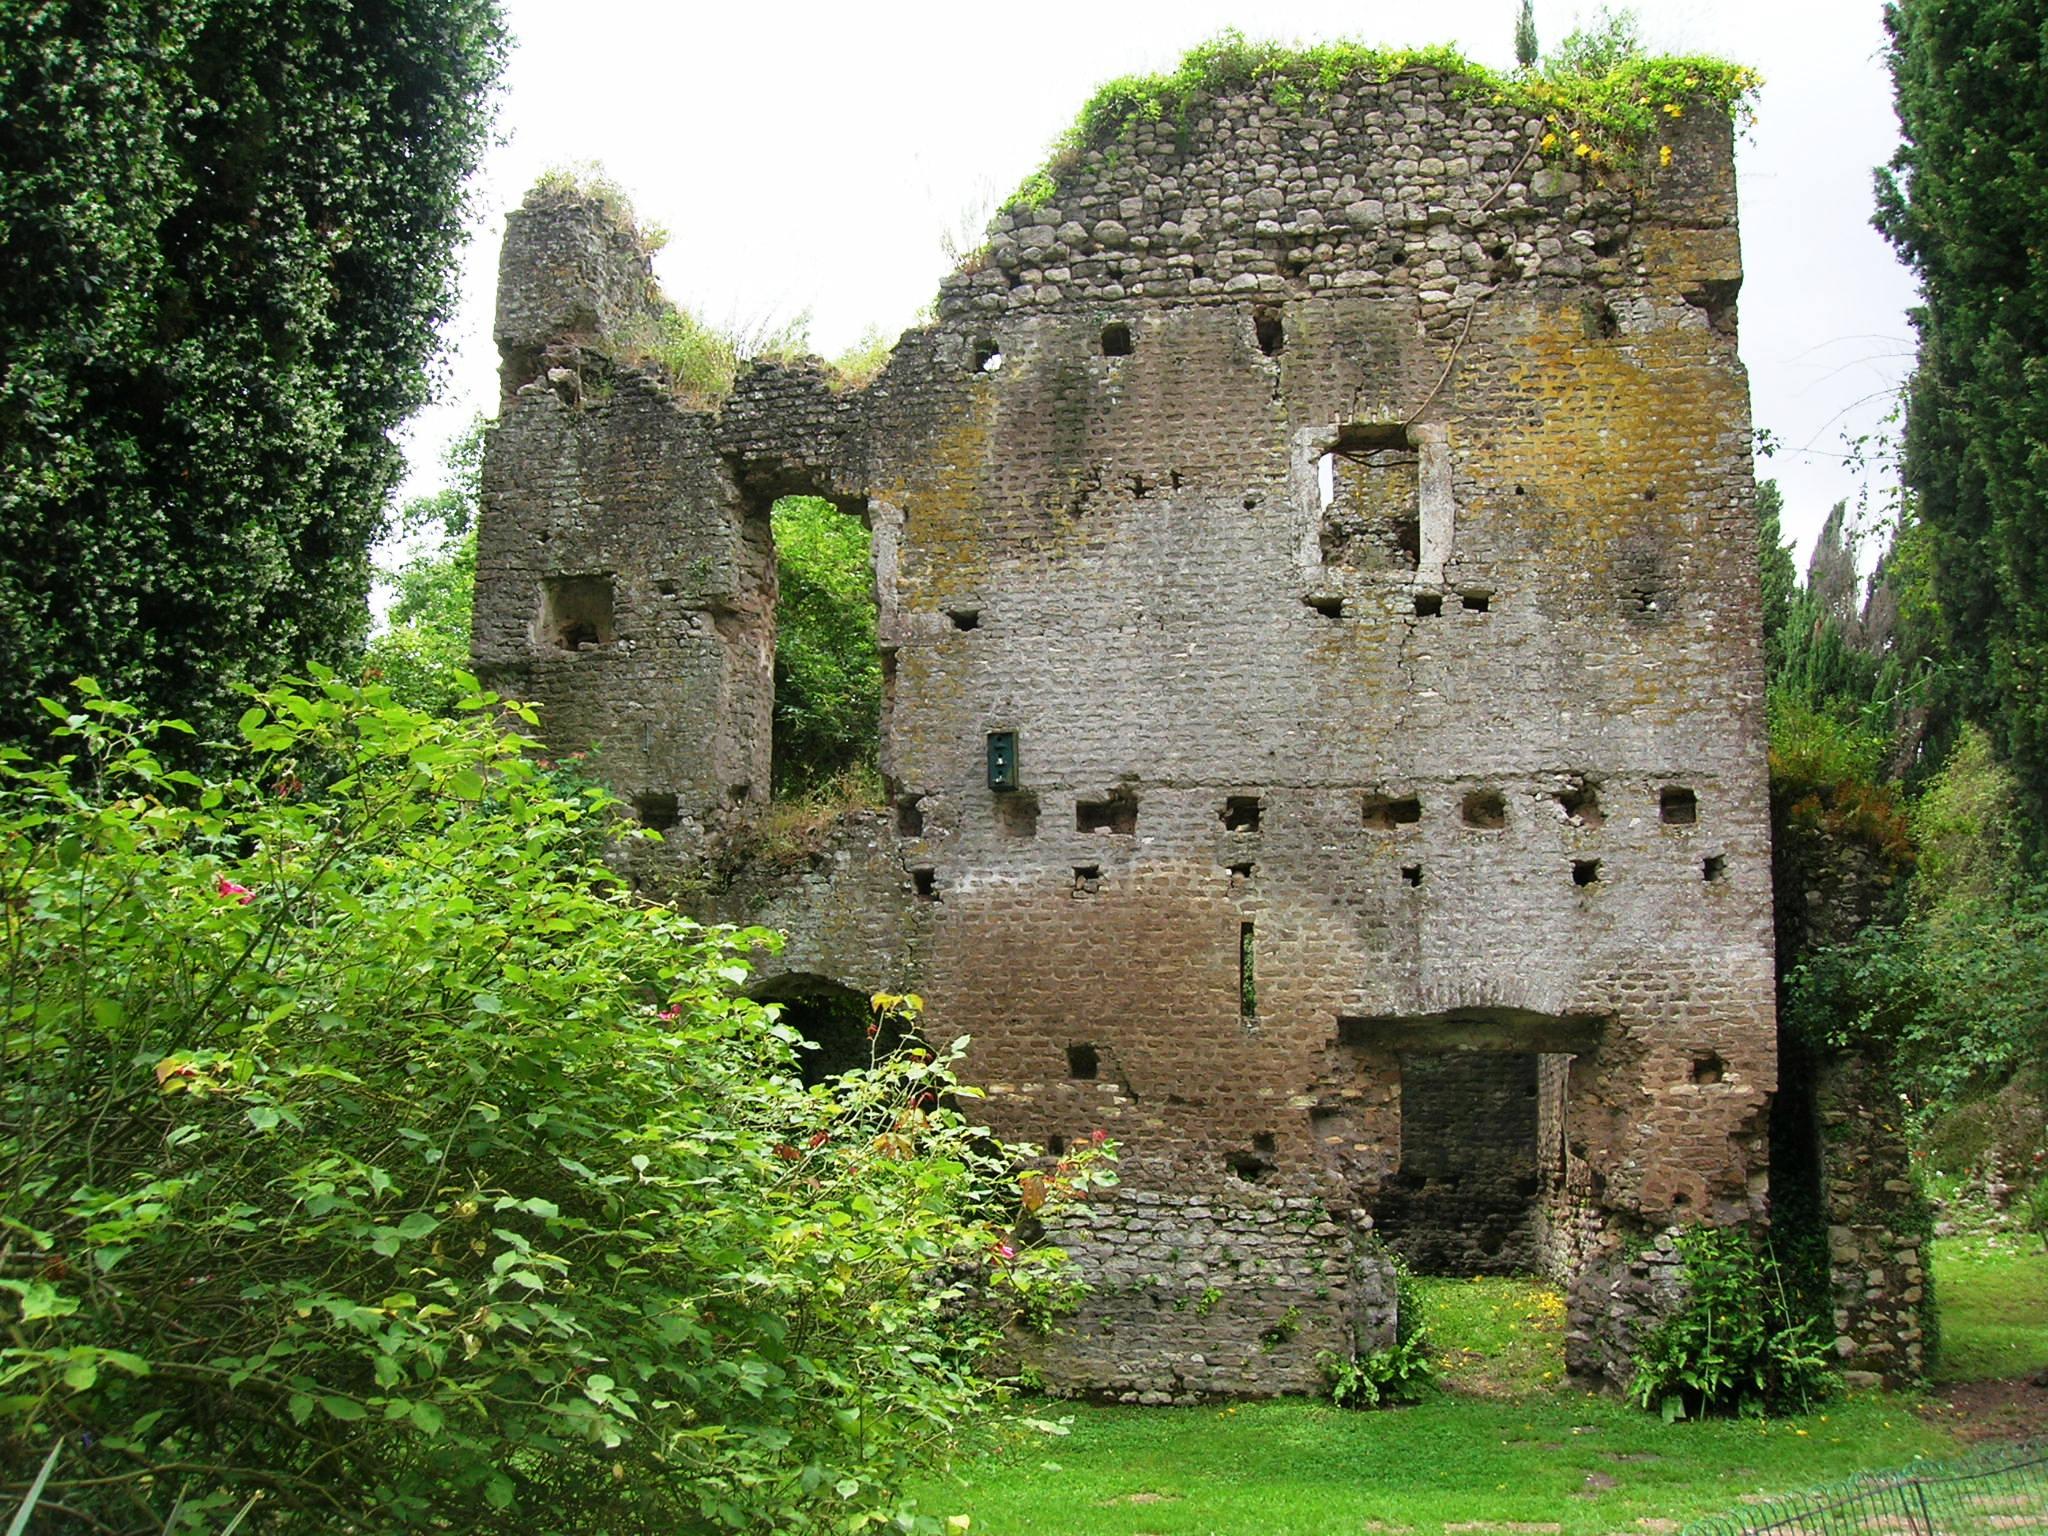 File giardino di ninfa wikimedia commons - I giardini di ninfa ...